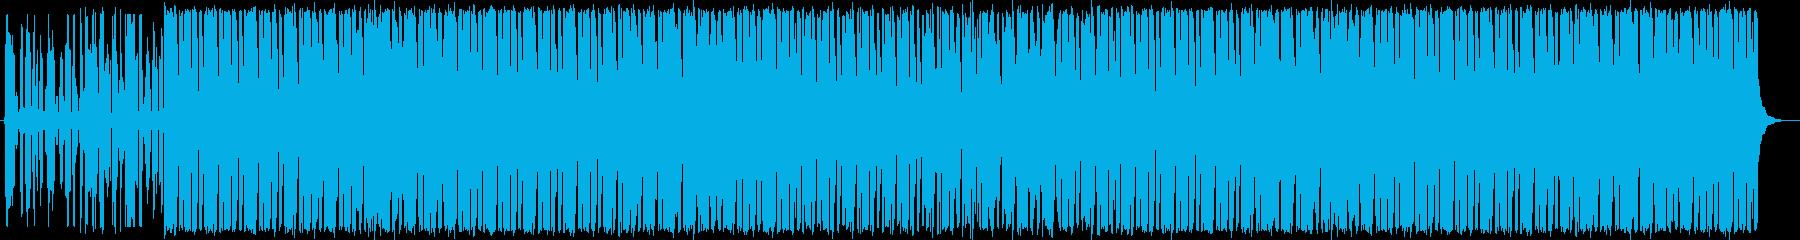 ノスタルジックで寂寥感のあるBGMの再生済みの波形